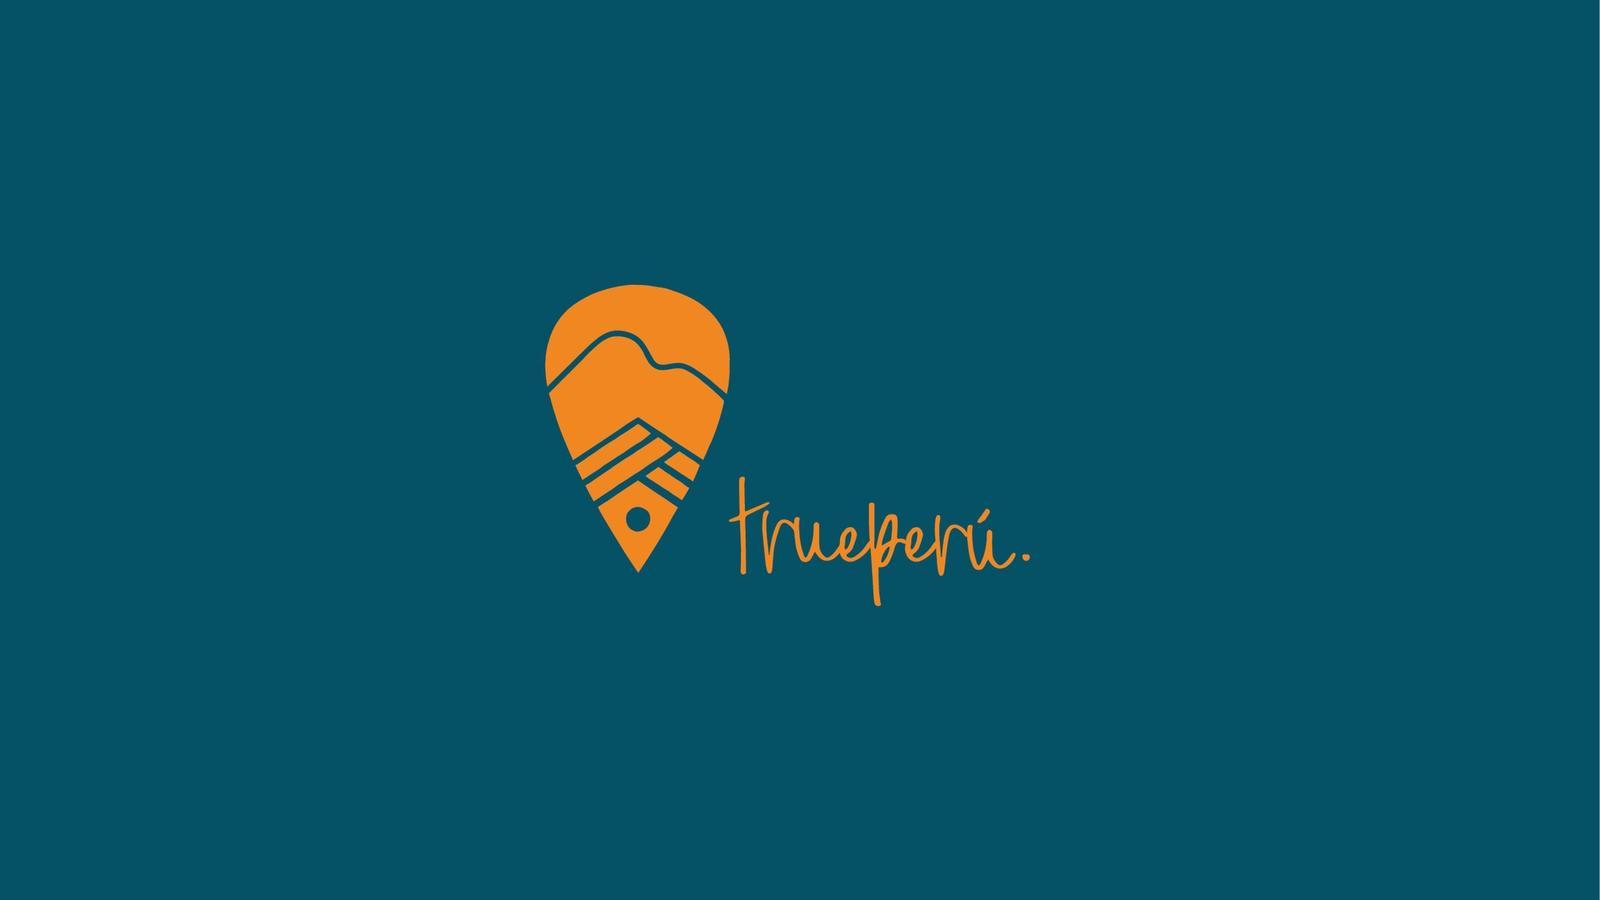 Trueperu Logo // Aeroperu Renaming/Rebranding